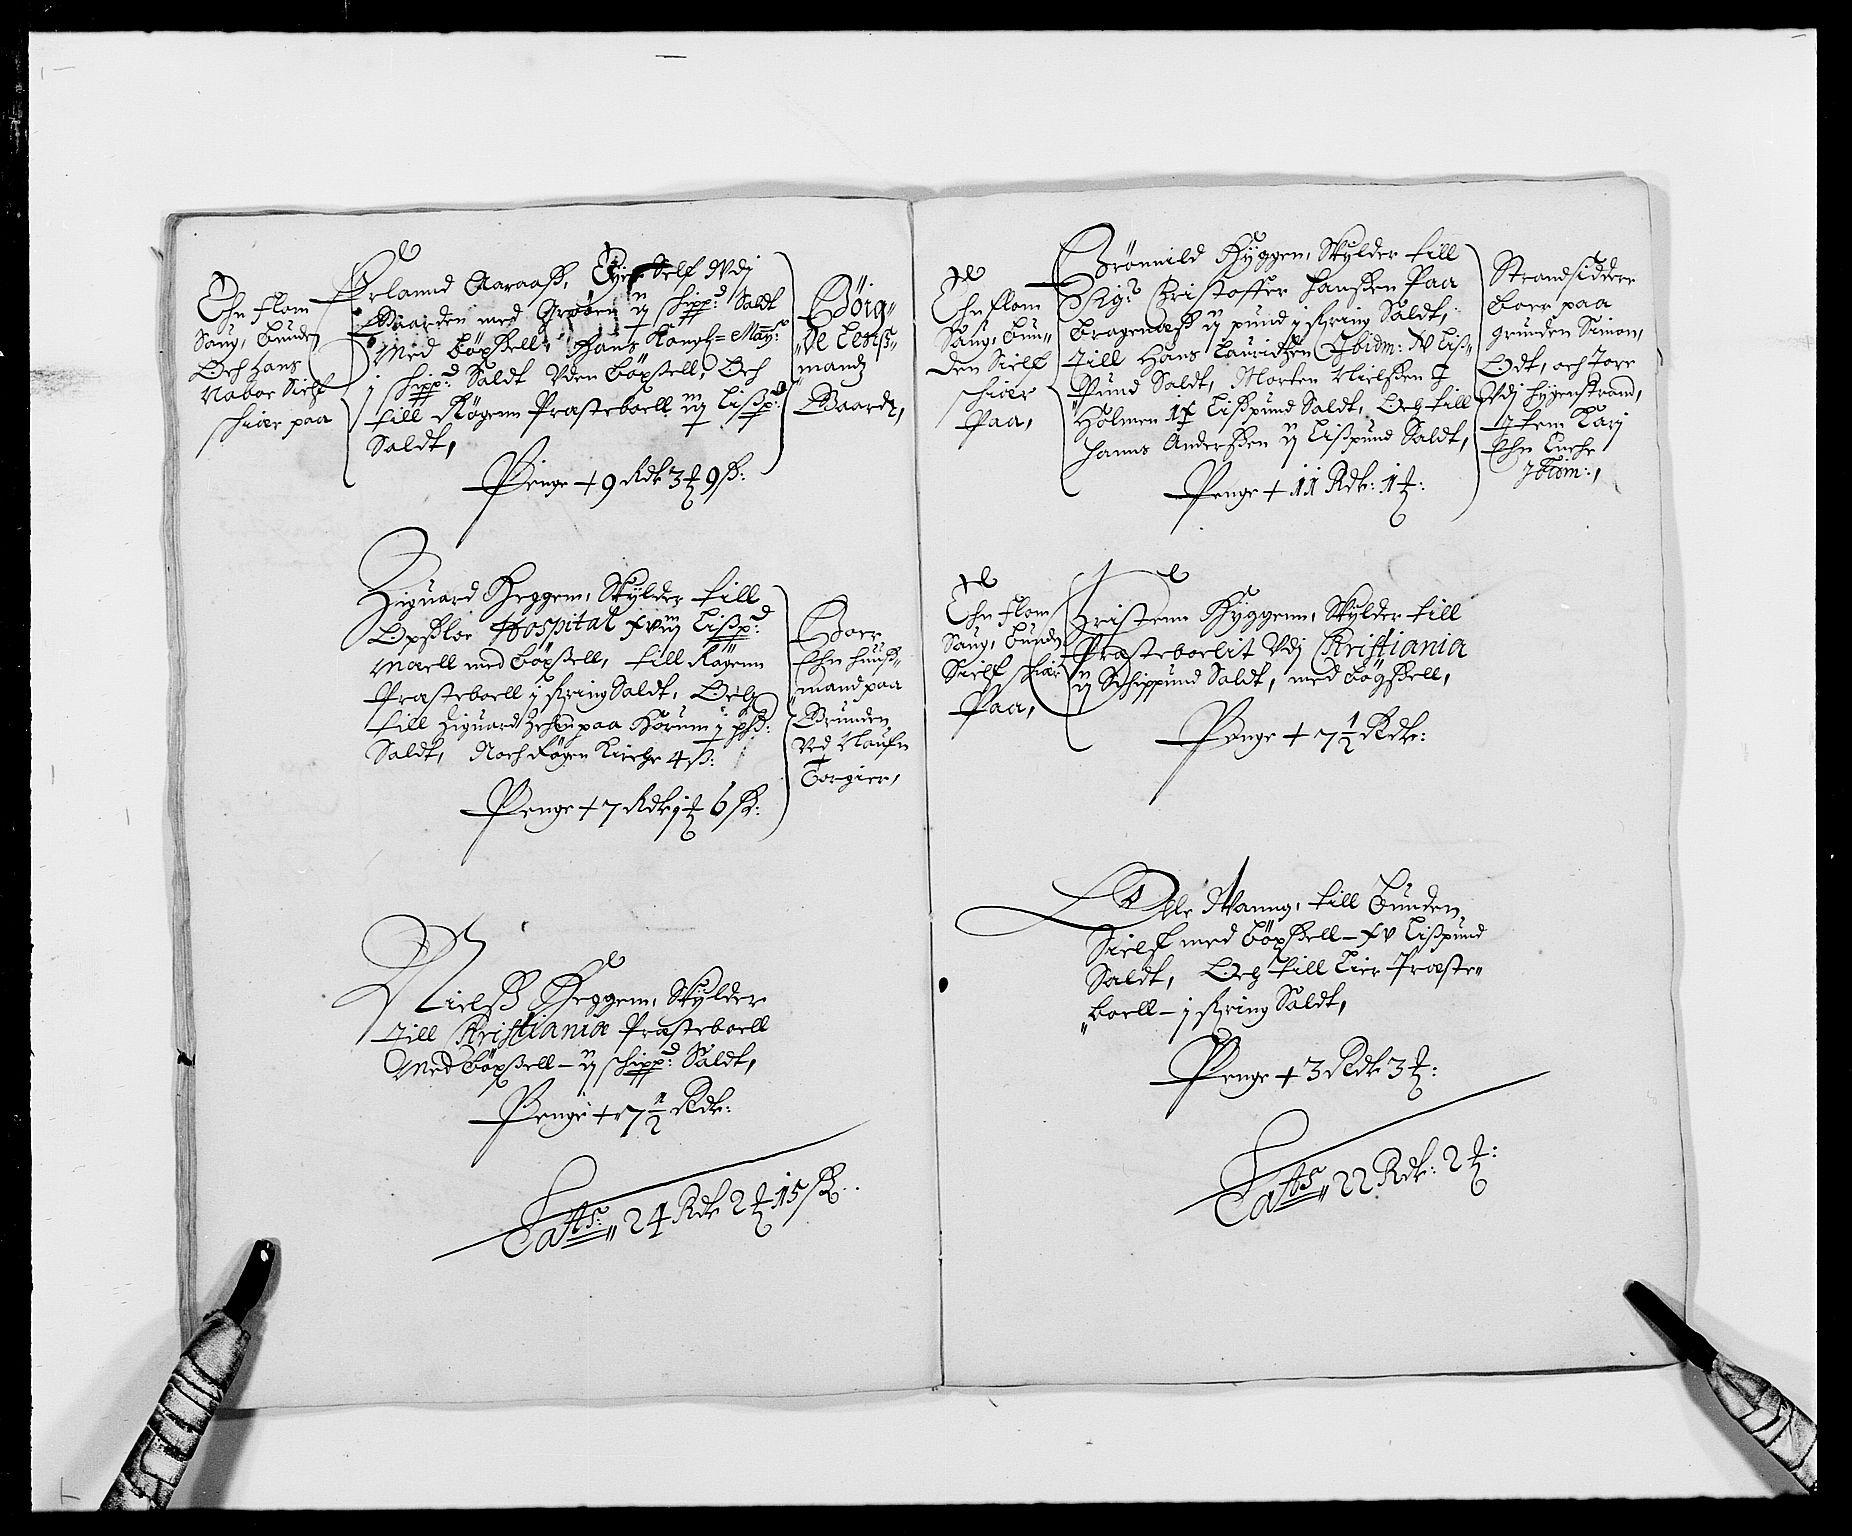 RA, Rentekammeret inntil 1814, Reviderte regnskaper, Fogderegnskap, R29/L1691: Fogderegnskap Hurum og Røyken, 1678-1681, s. 275